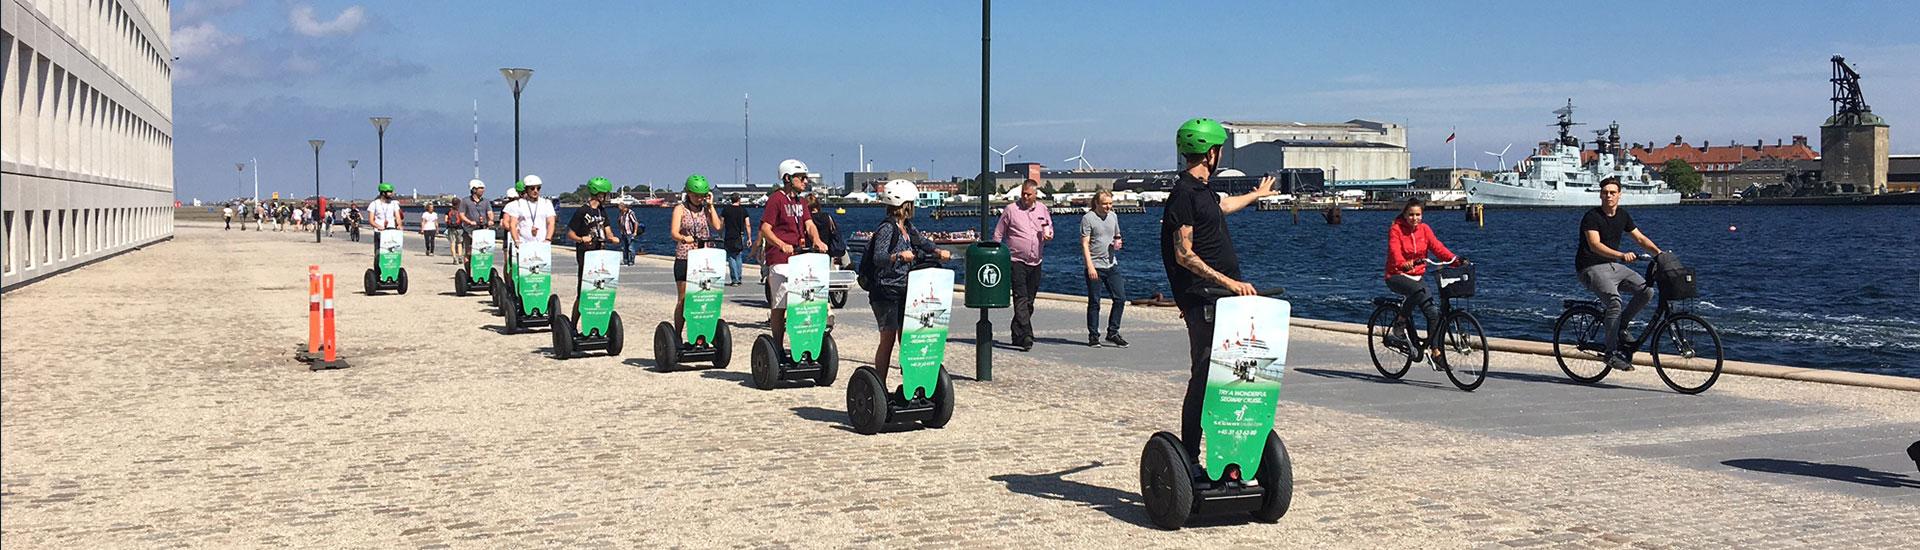 Lej en Segway hos Segway Cruise København